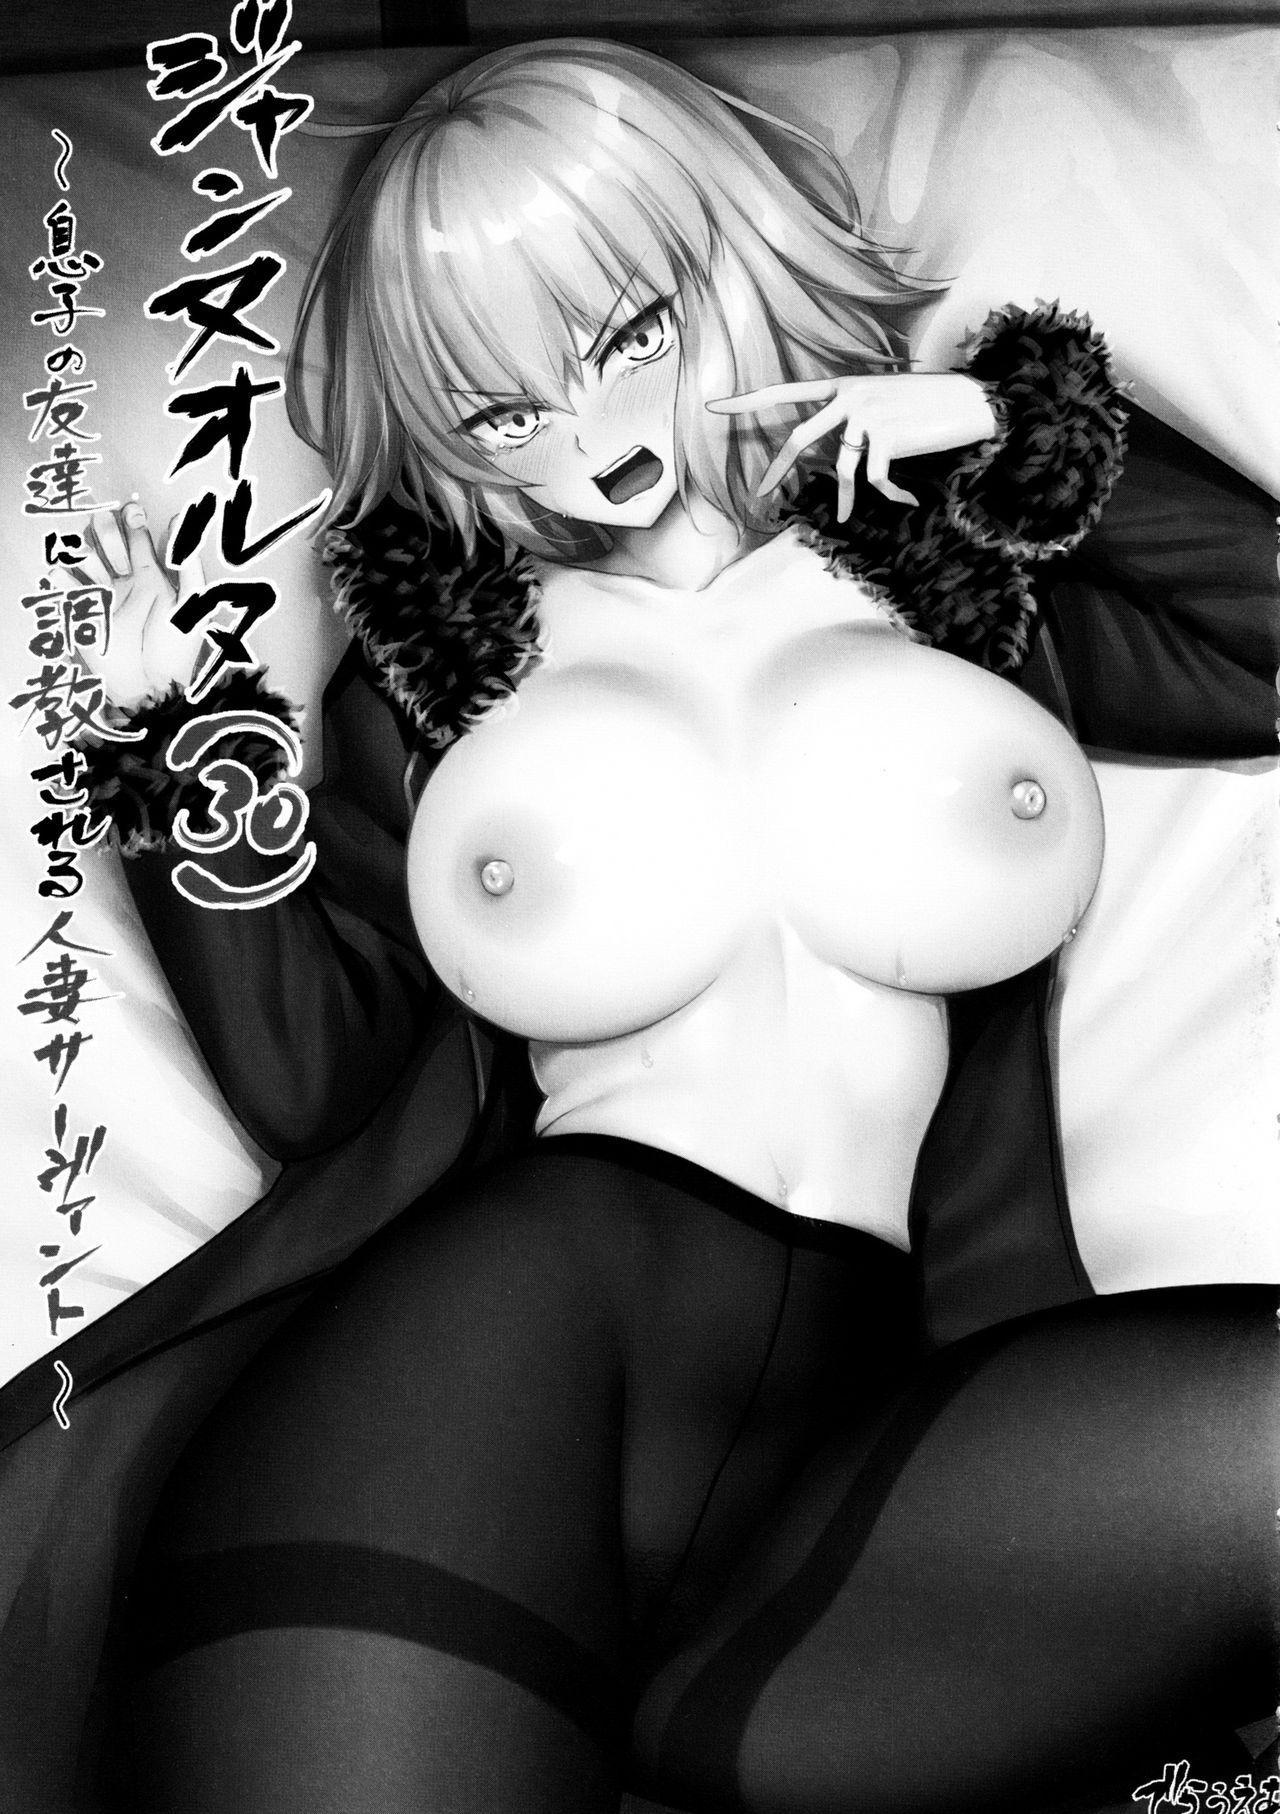 (C97) [Yakiniku Tabetai (Derauea)] Jeanne Alter (32) no Shikyuu Haiboku ~Musuko no Tomodachi ni Tanetsuke o Kongan suru Hitozuma Servant~ (Fate/Grand Order) [English] [Incomplete] 1